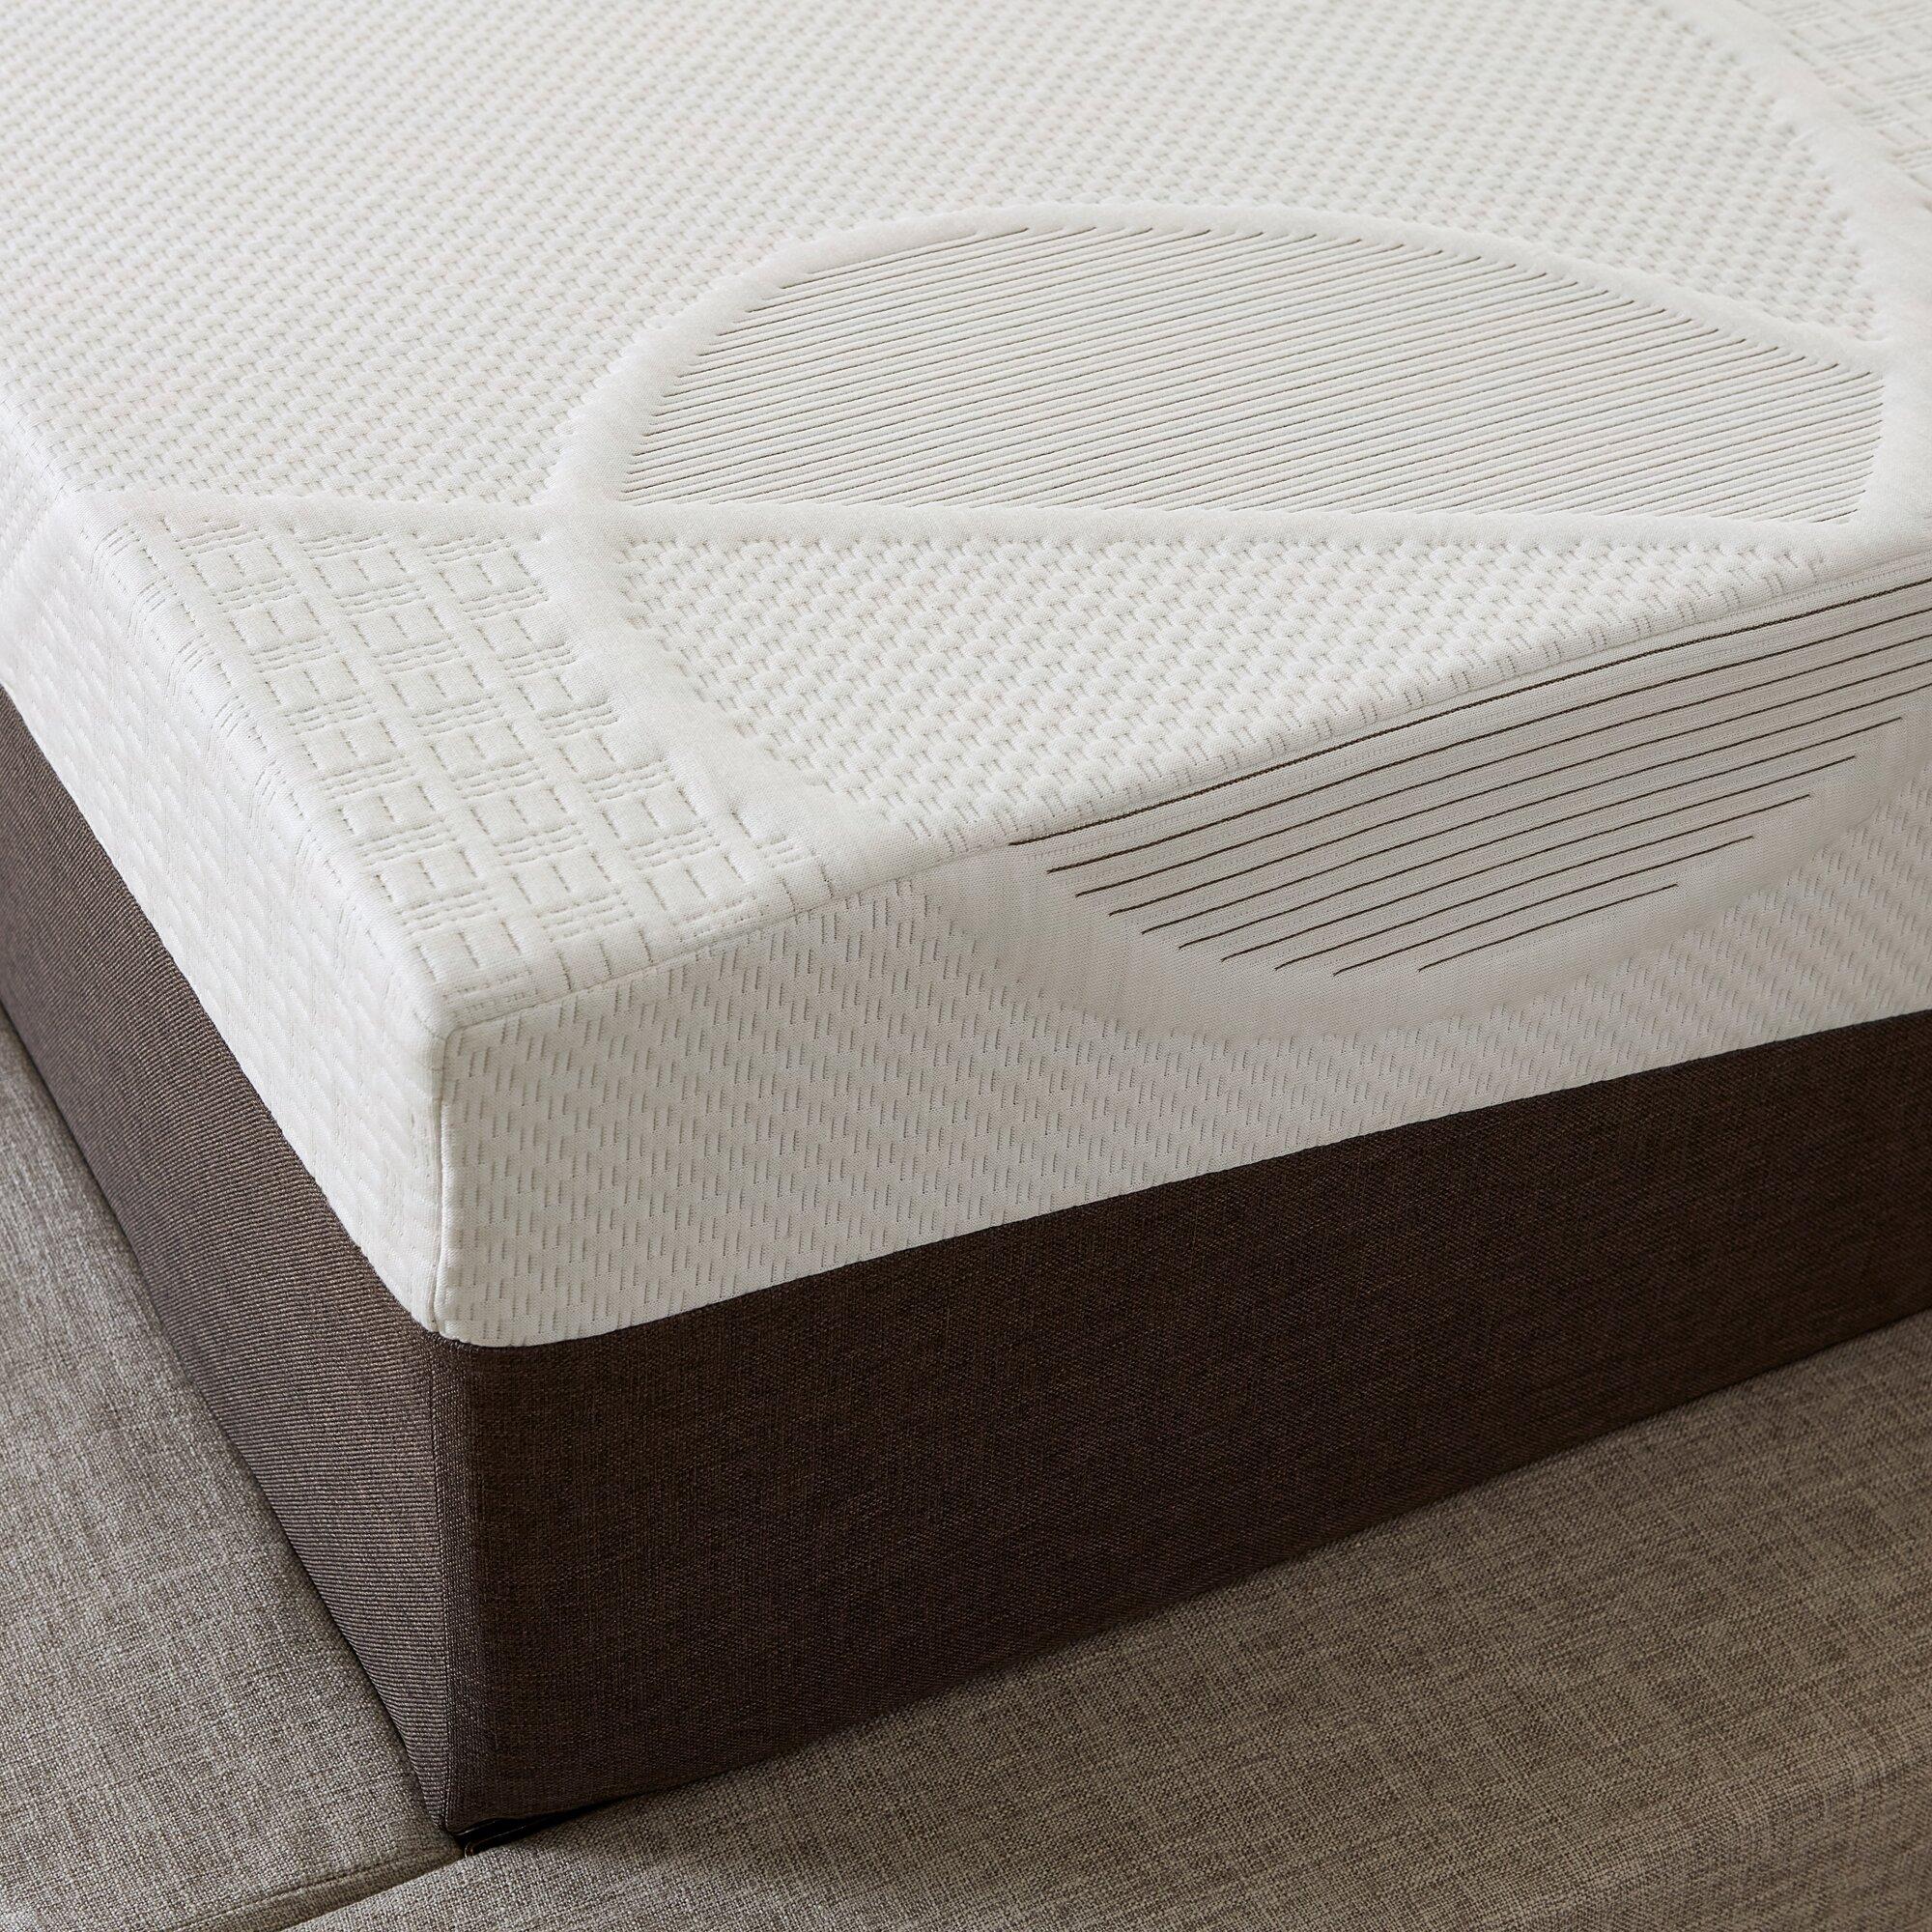 Luxury Solutions 8 Gel Memory Foam Mattress Size King